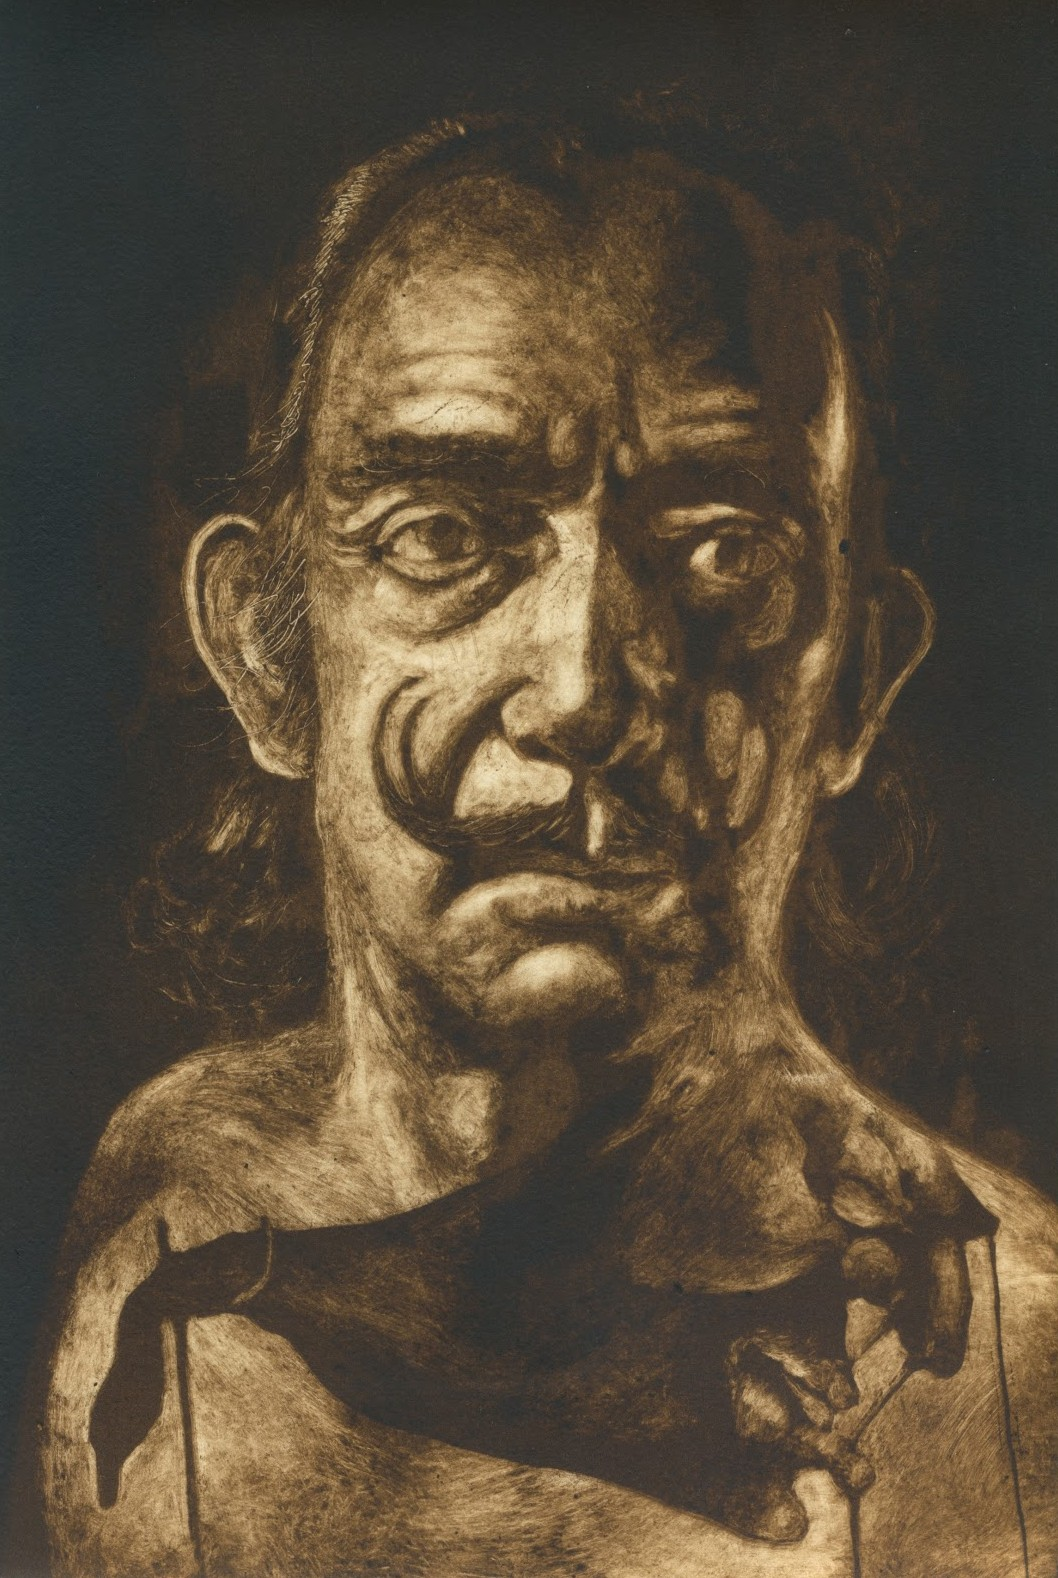 татуированные художники, Сальвадор Дали